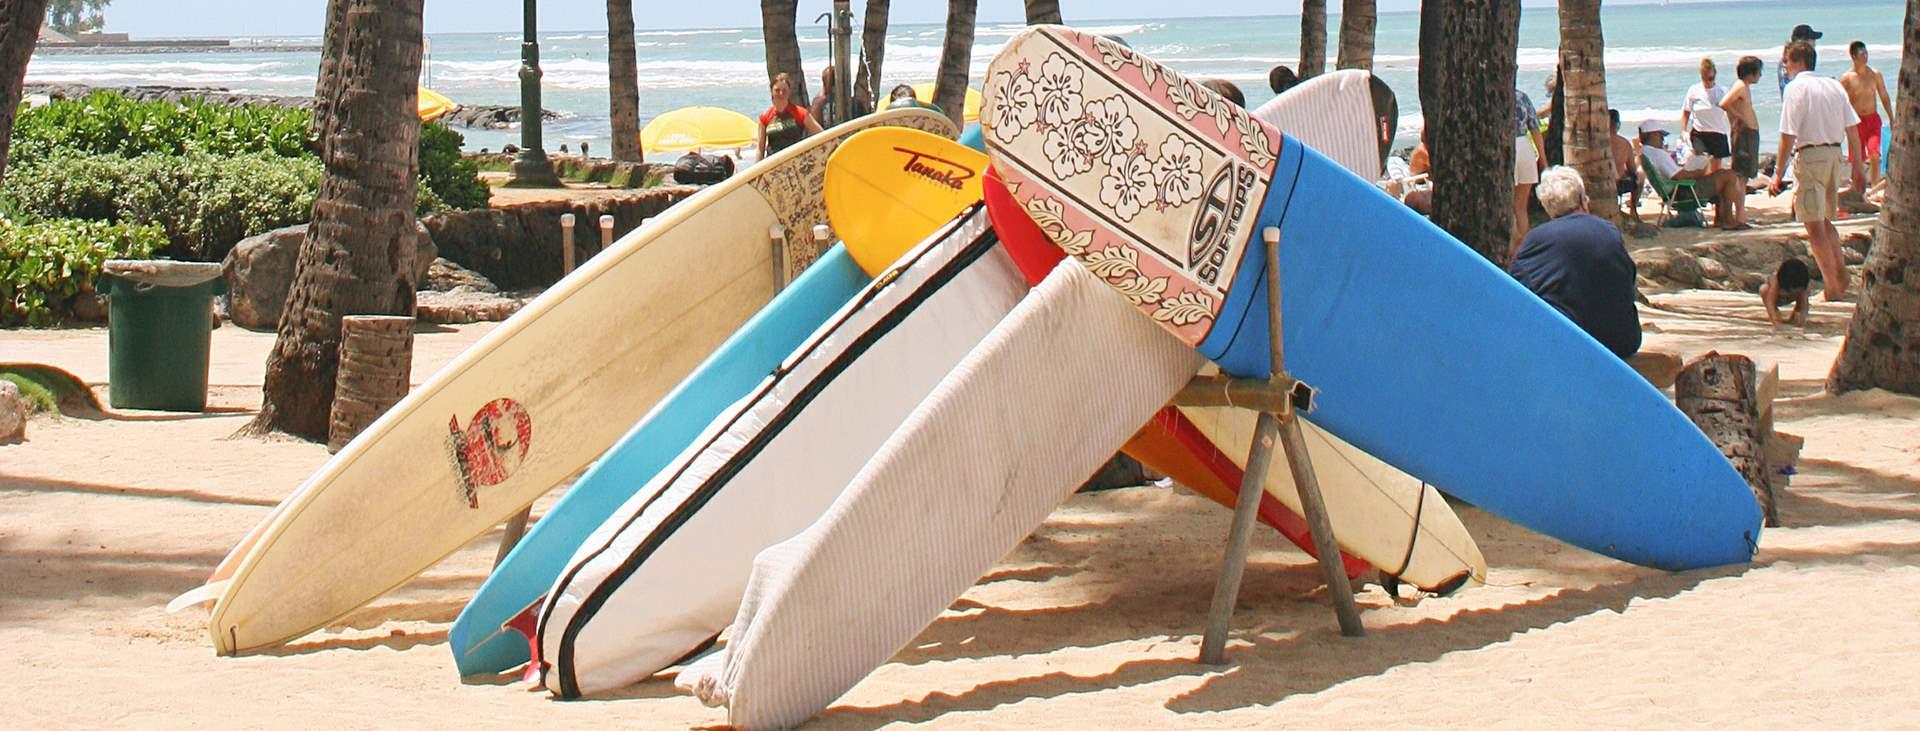 Bestill en reise til Honolulu på Hawaii – opplev USA med Ving